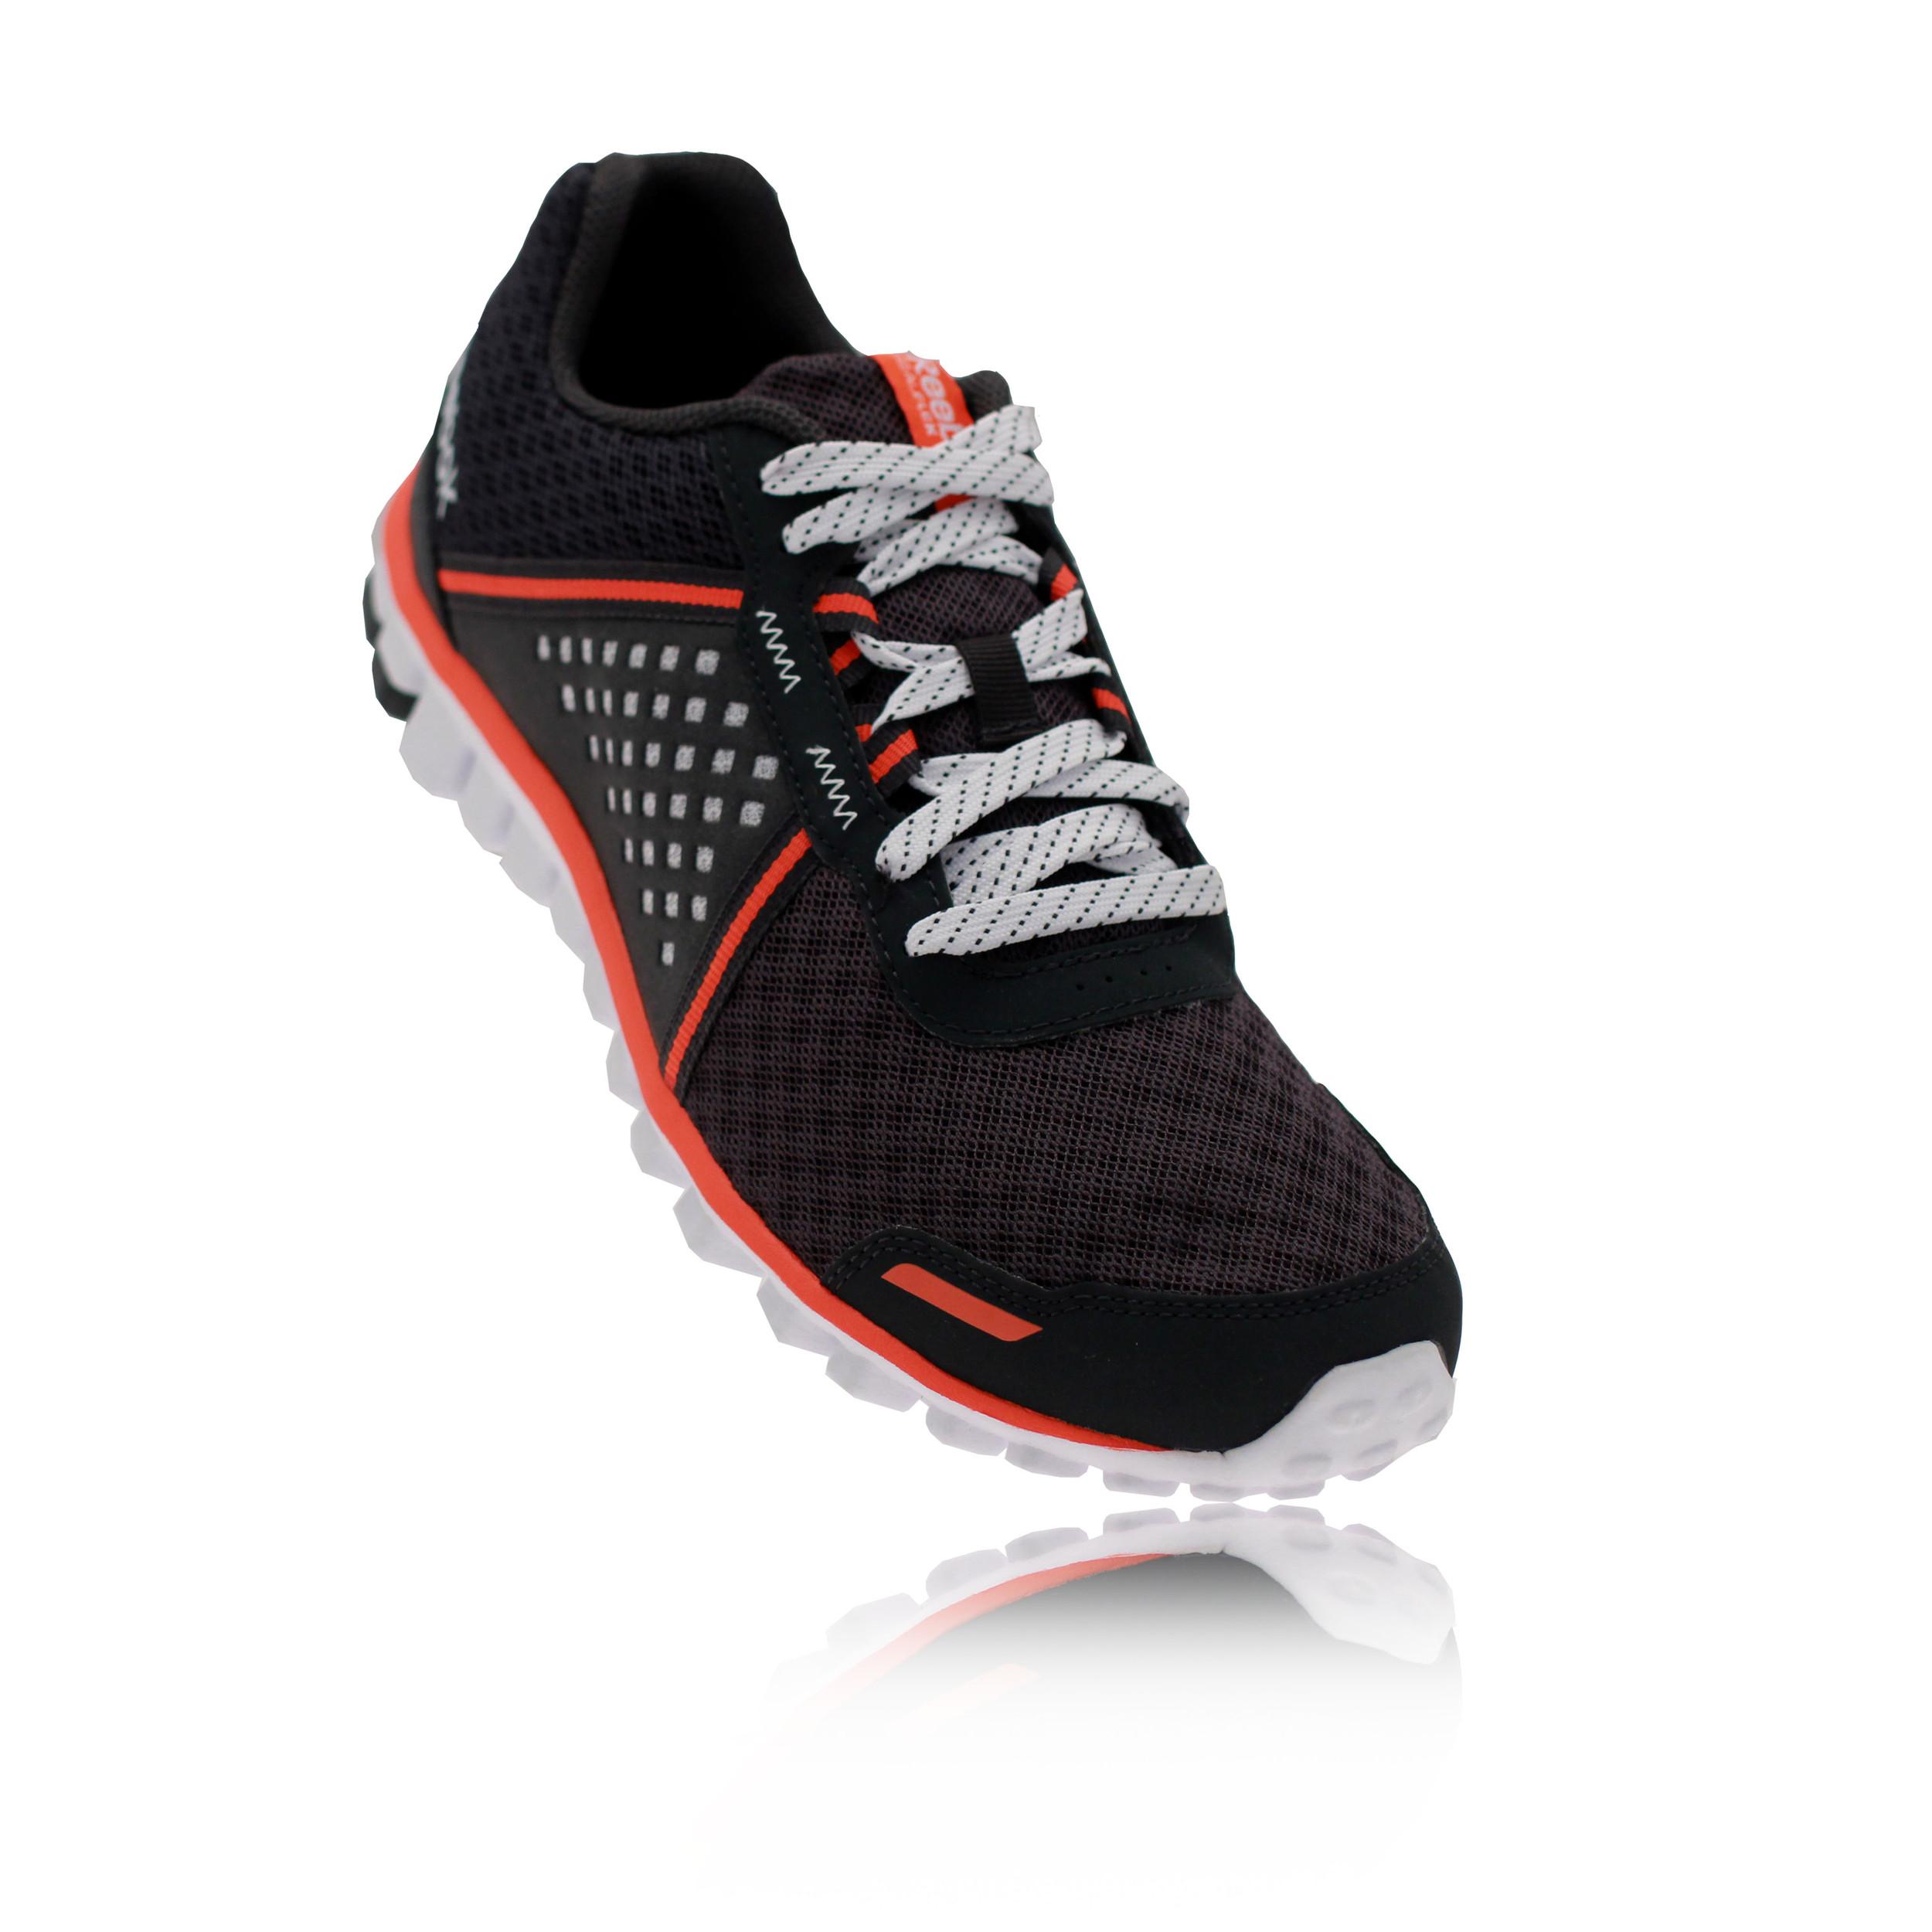 Reebok Realflex Scream 4.0 Running Shoes - 53% Off ...